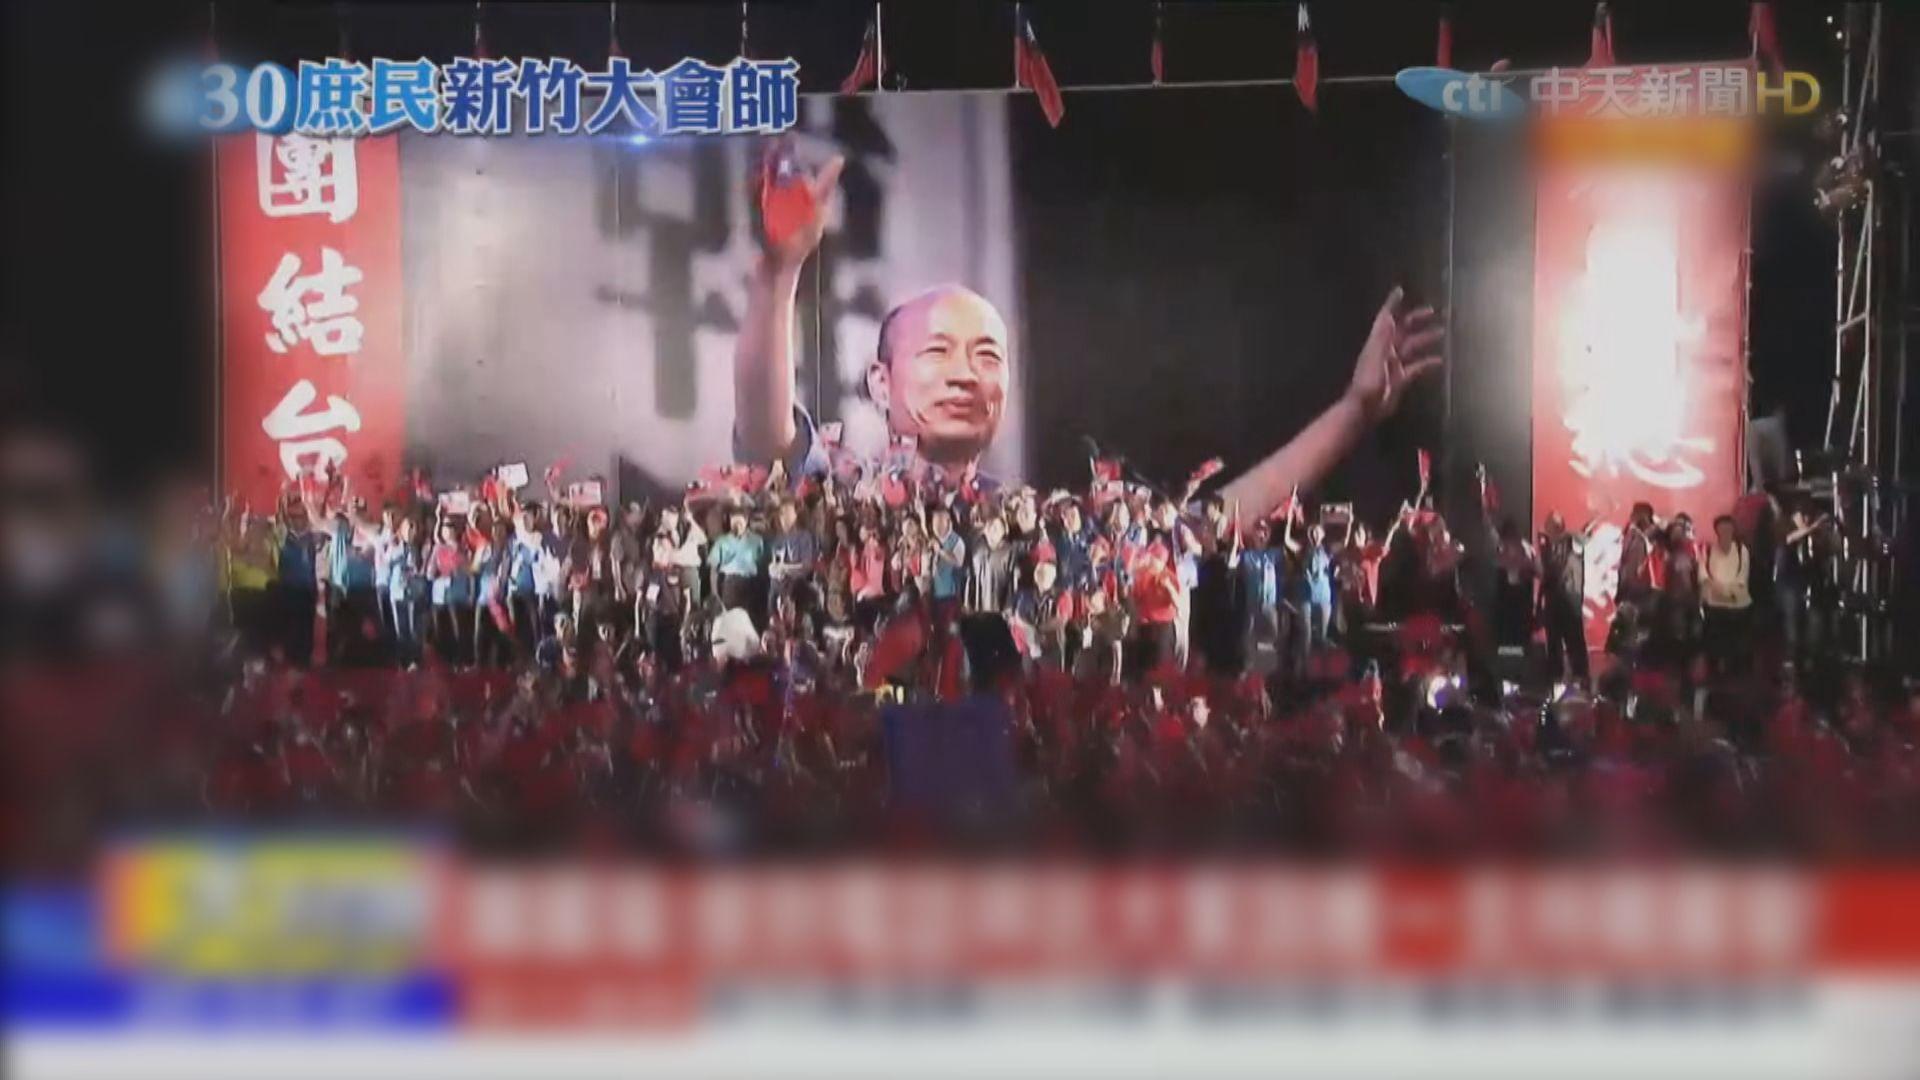 韓國瑜於新竹舉行造勢大會